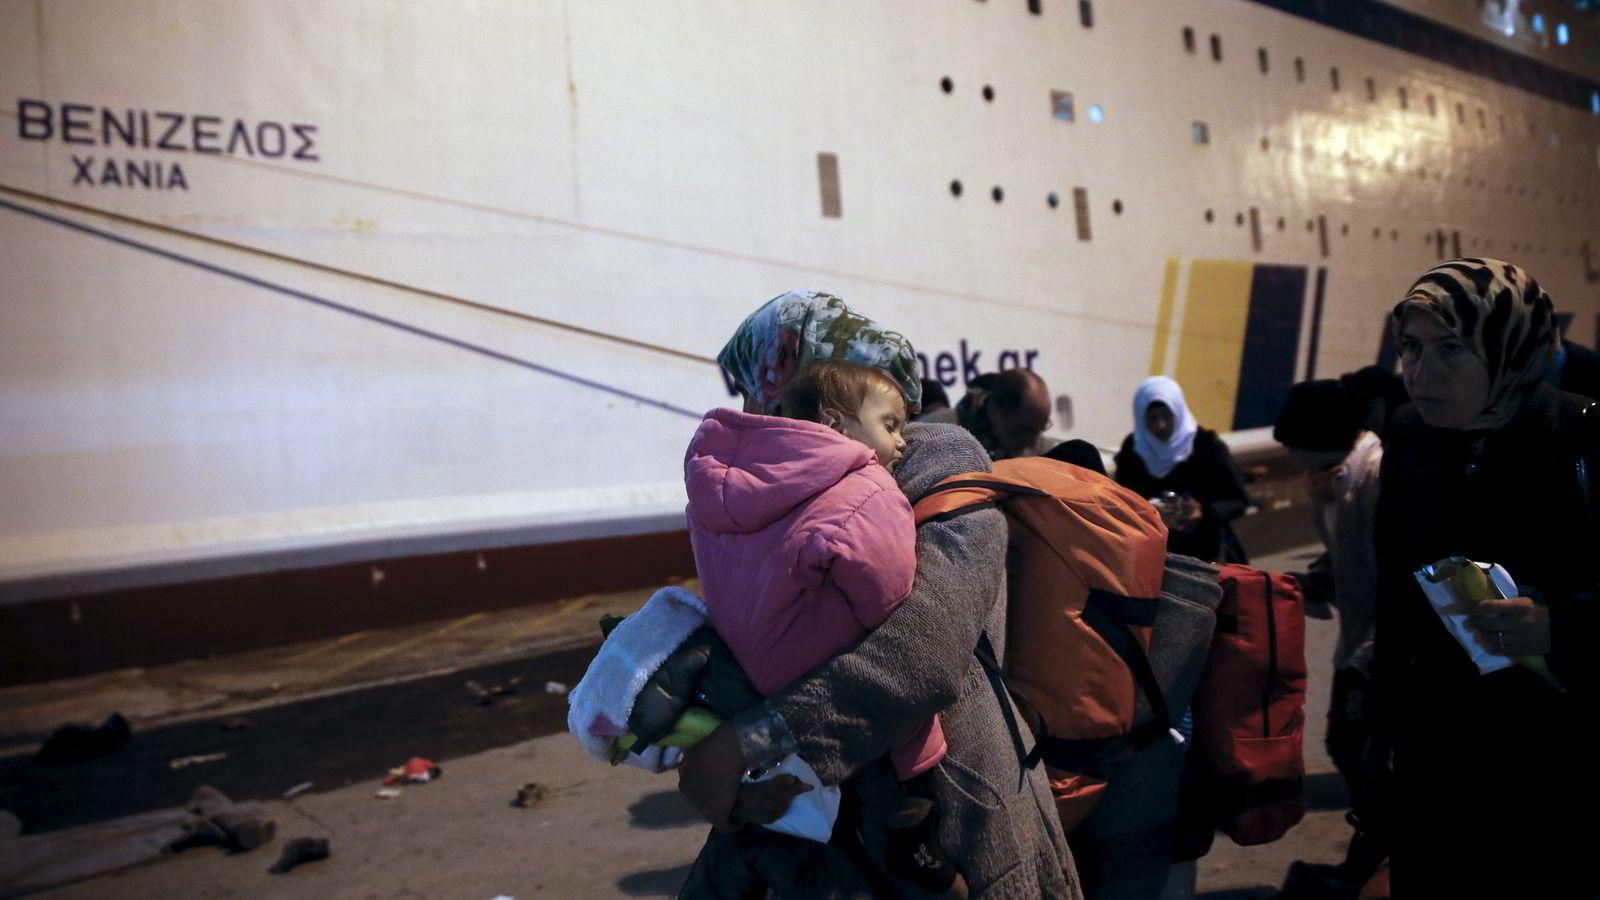 Tjenestemenn sa lørdag at det er 47.500 flyktninger i Hellas, inkludert 8.200 på øyene. Her forbereder flyktninger seg på å gå om bord i en gresk ferje for å bli transportert videre til flyktningleirer i landet. Foto: Alkis Konstantinidis / Reuters / NTB scanpix